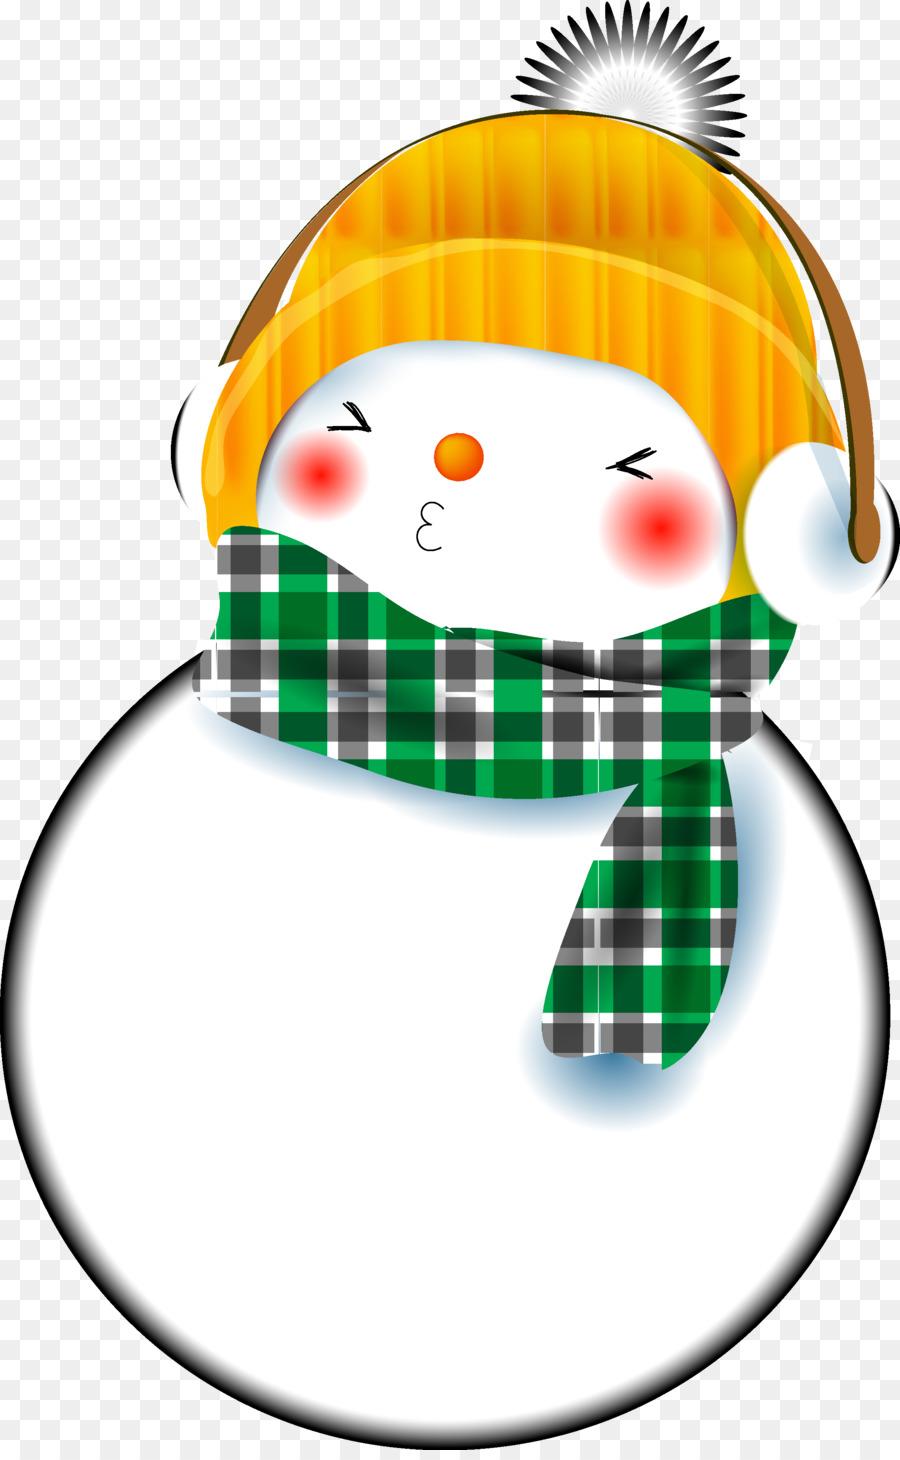 Descarga gratuita de Santa Claus, Precioso Muñeco De Nieve, La Navidad Imágen de Png